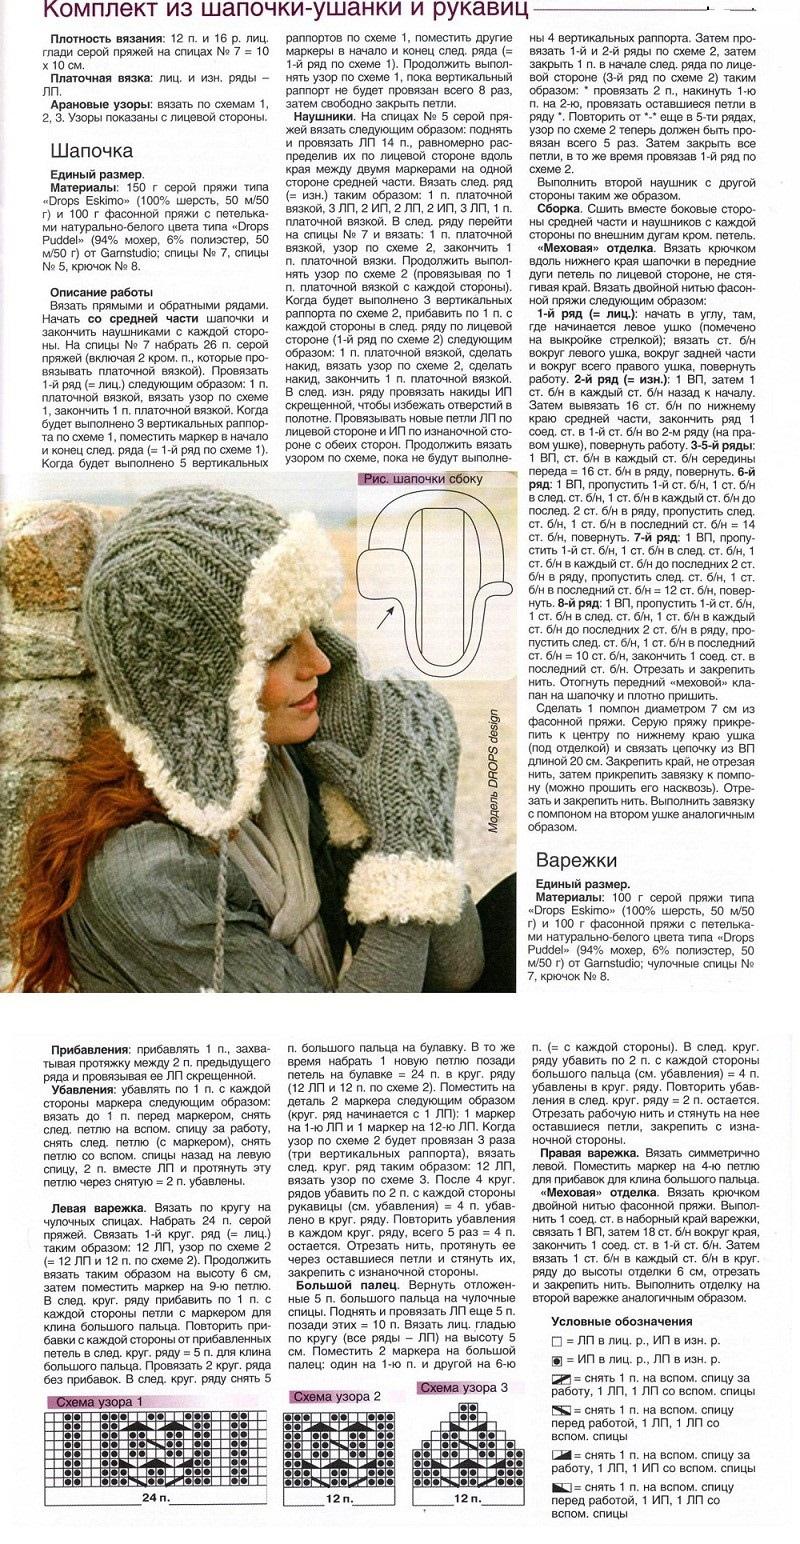 Описание вязания спицами шапки ушанки для девочки, пример 1